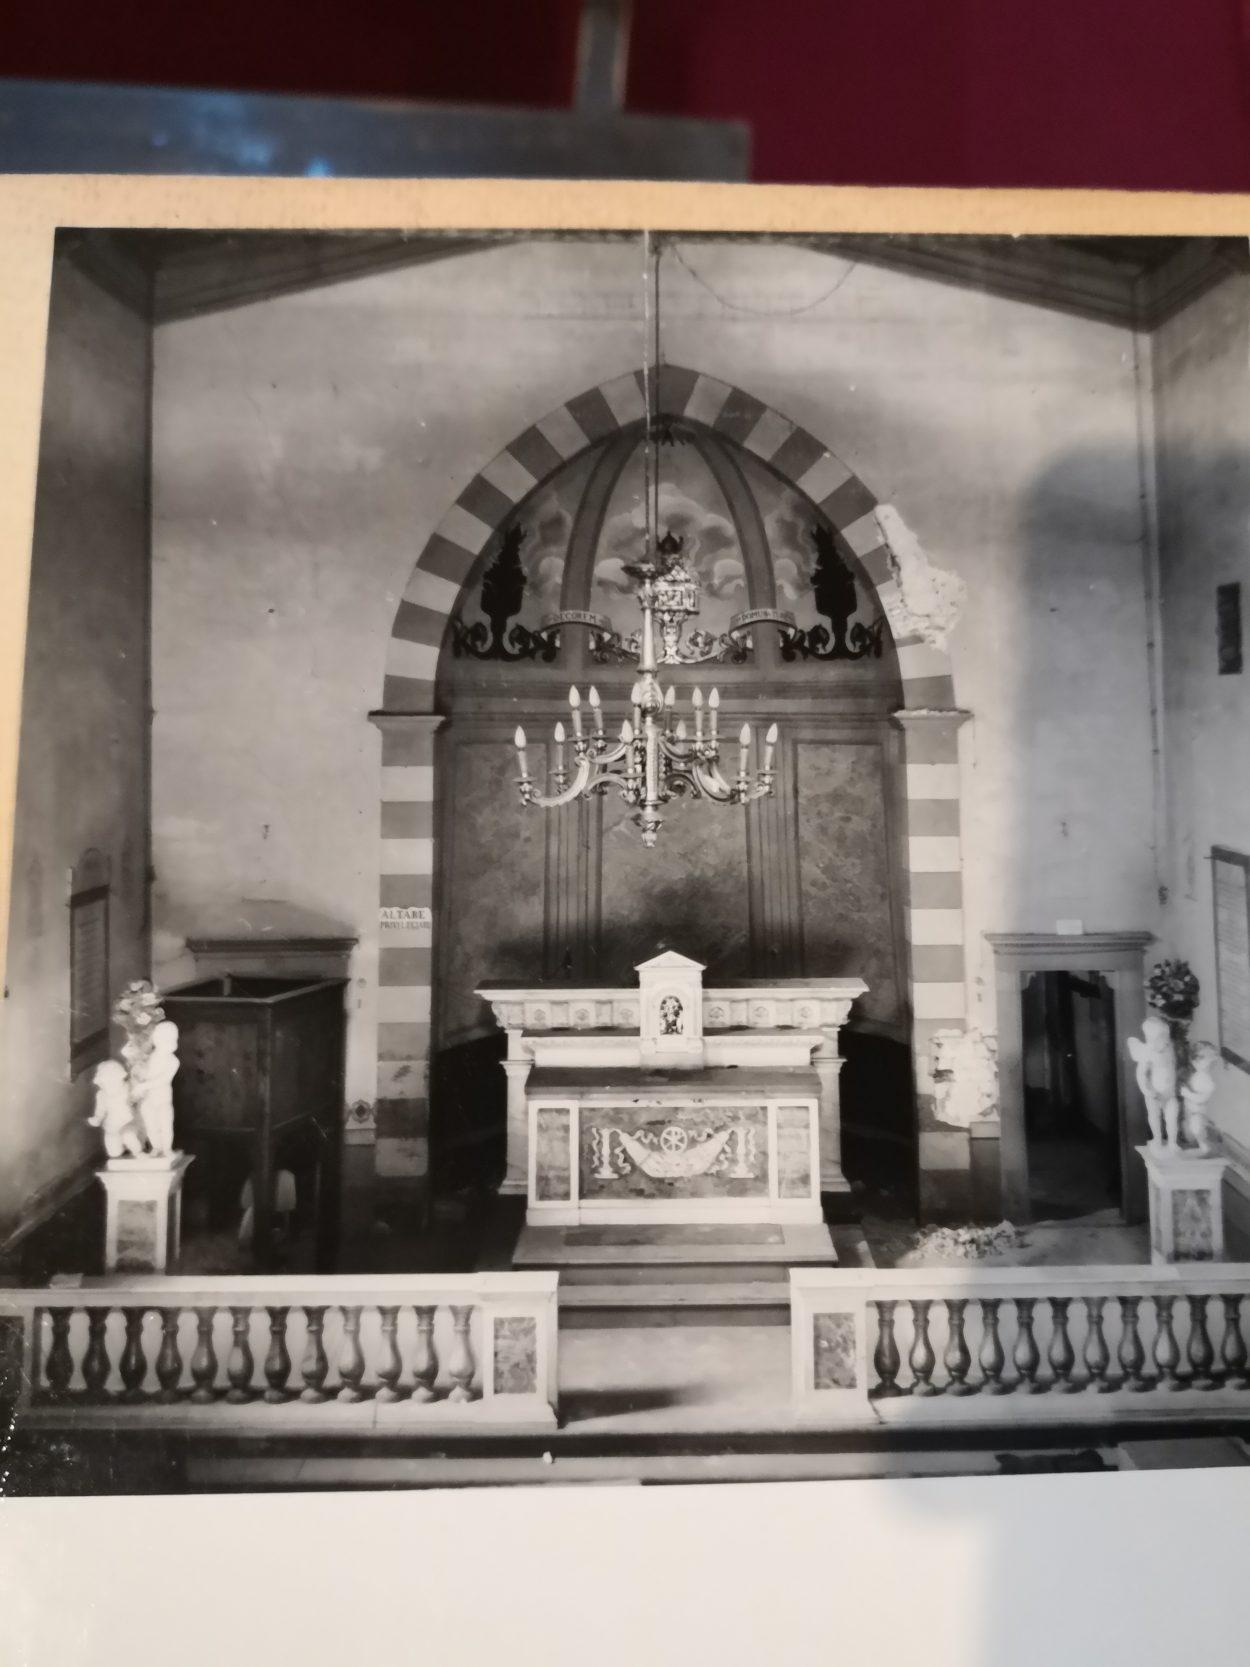 Foto di archivio che mostra l'altare della Chiesa di Santa Maria a Soffiano nel Dopoguerra